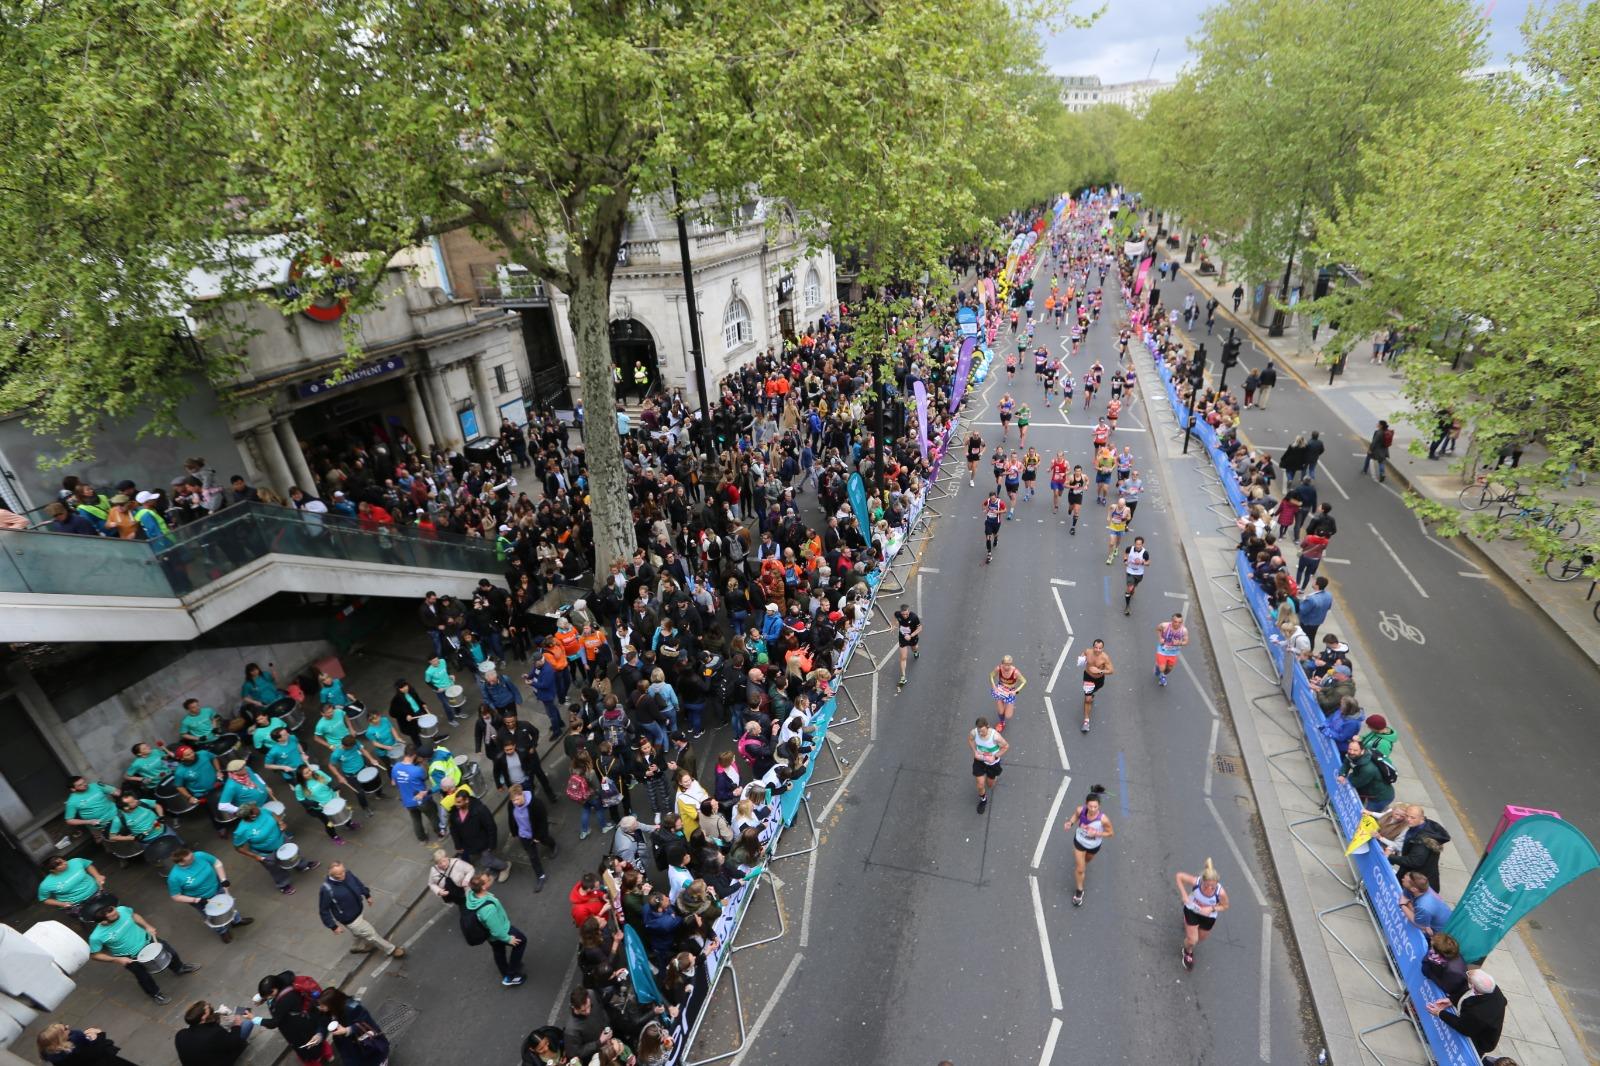 倫敦往年馬拉松。圖左下方有腰鼓隊助威。(黃家熙/大紀元)